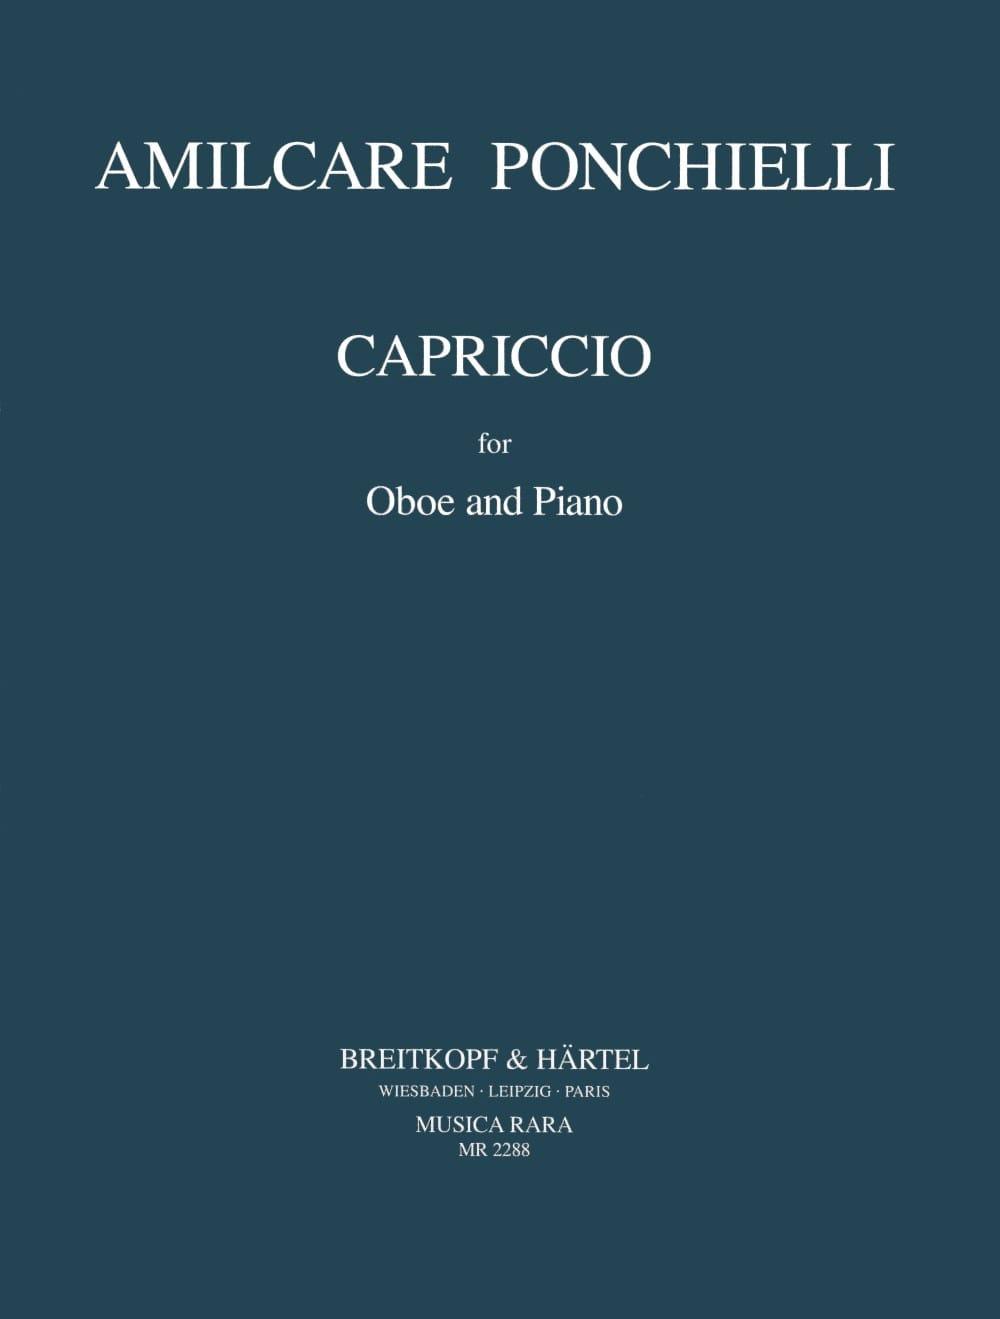 Amilcare Ponchielli - Capriccio - Oboe piano - Partition - di-arezzo.co.uk